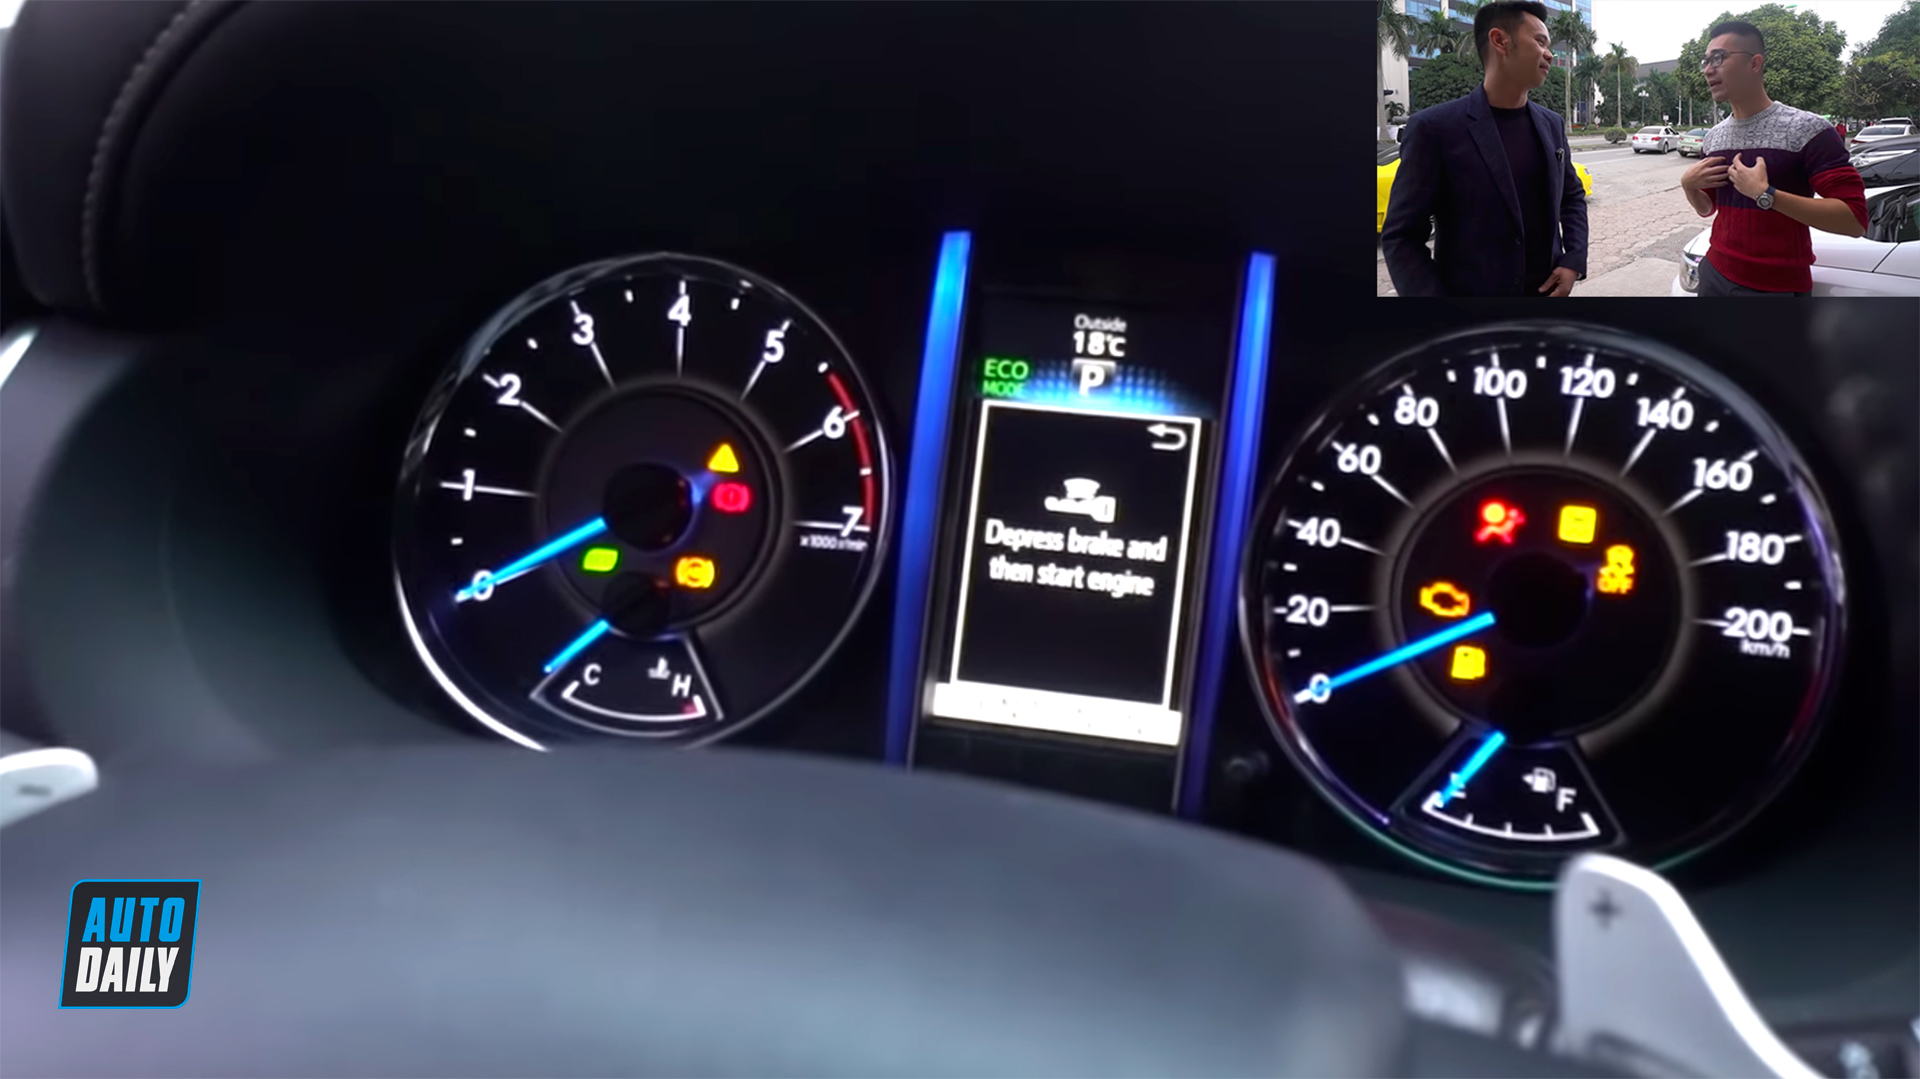 Mua xe ô tô cũ: Cách kiểm tra túi khí nổ khi mua xe cũ